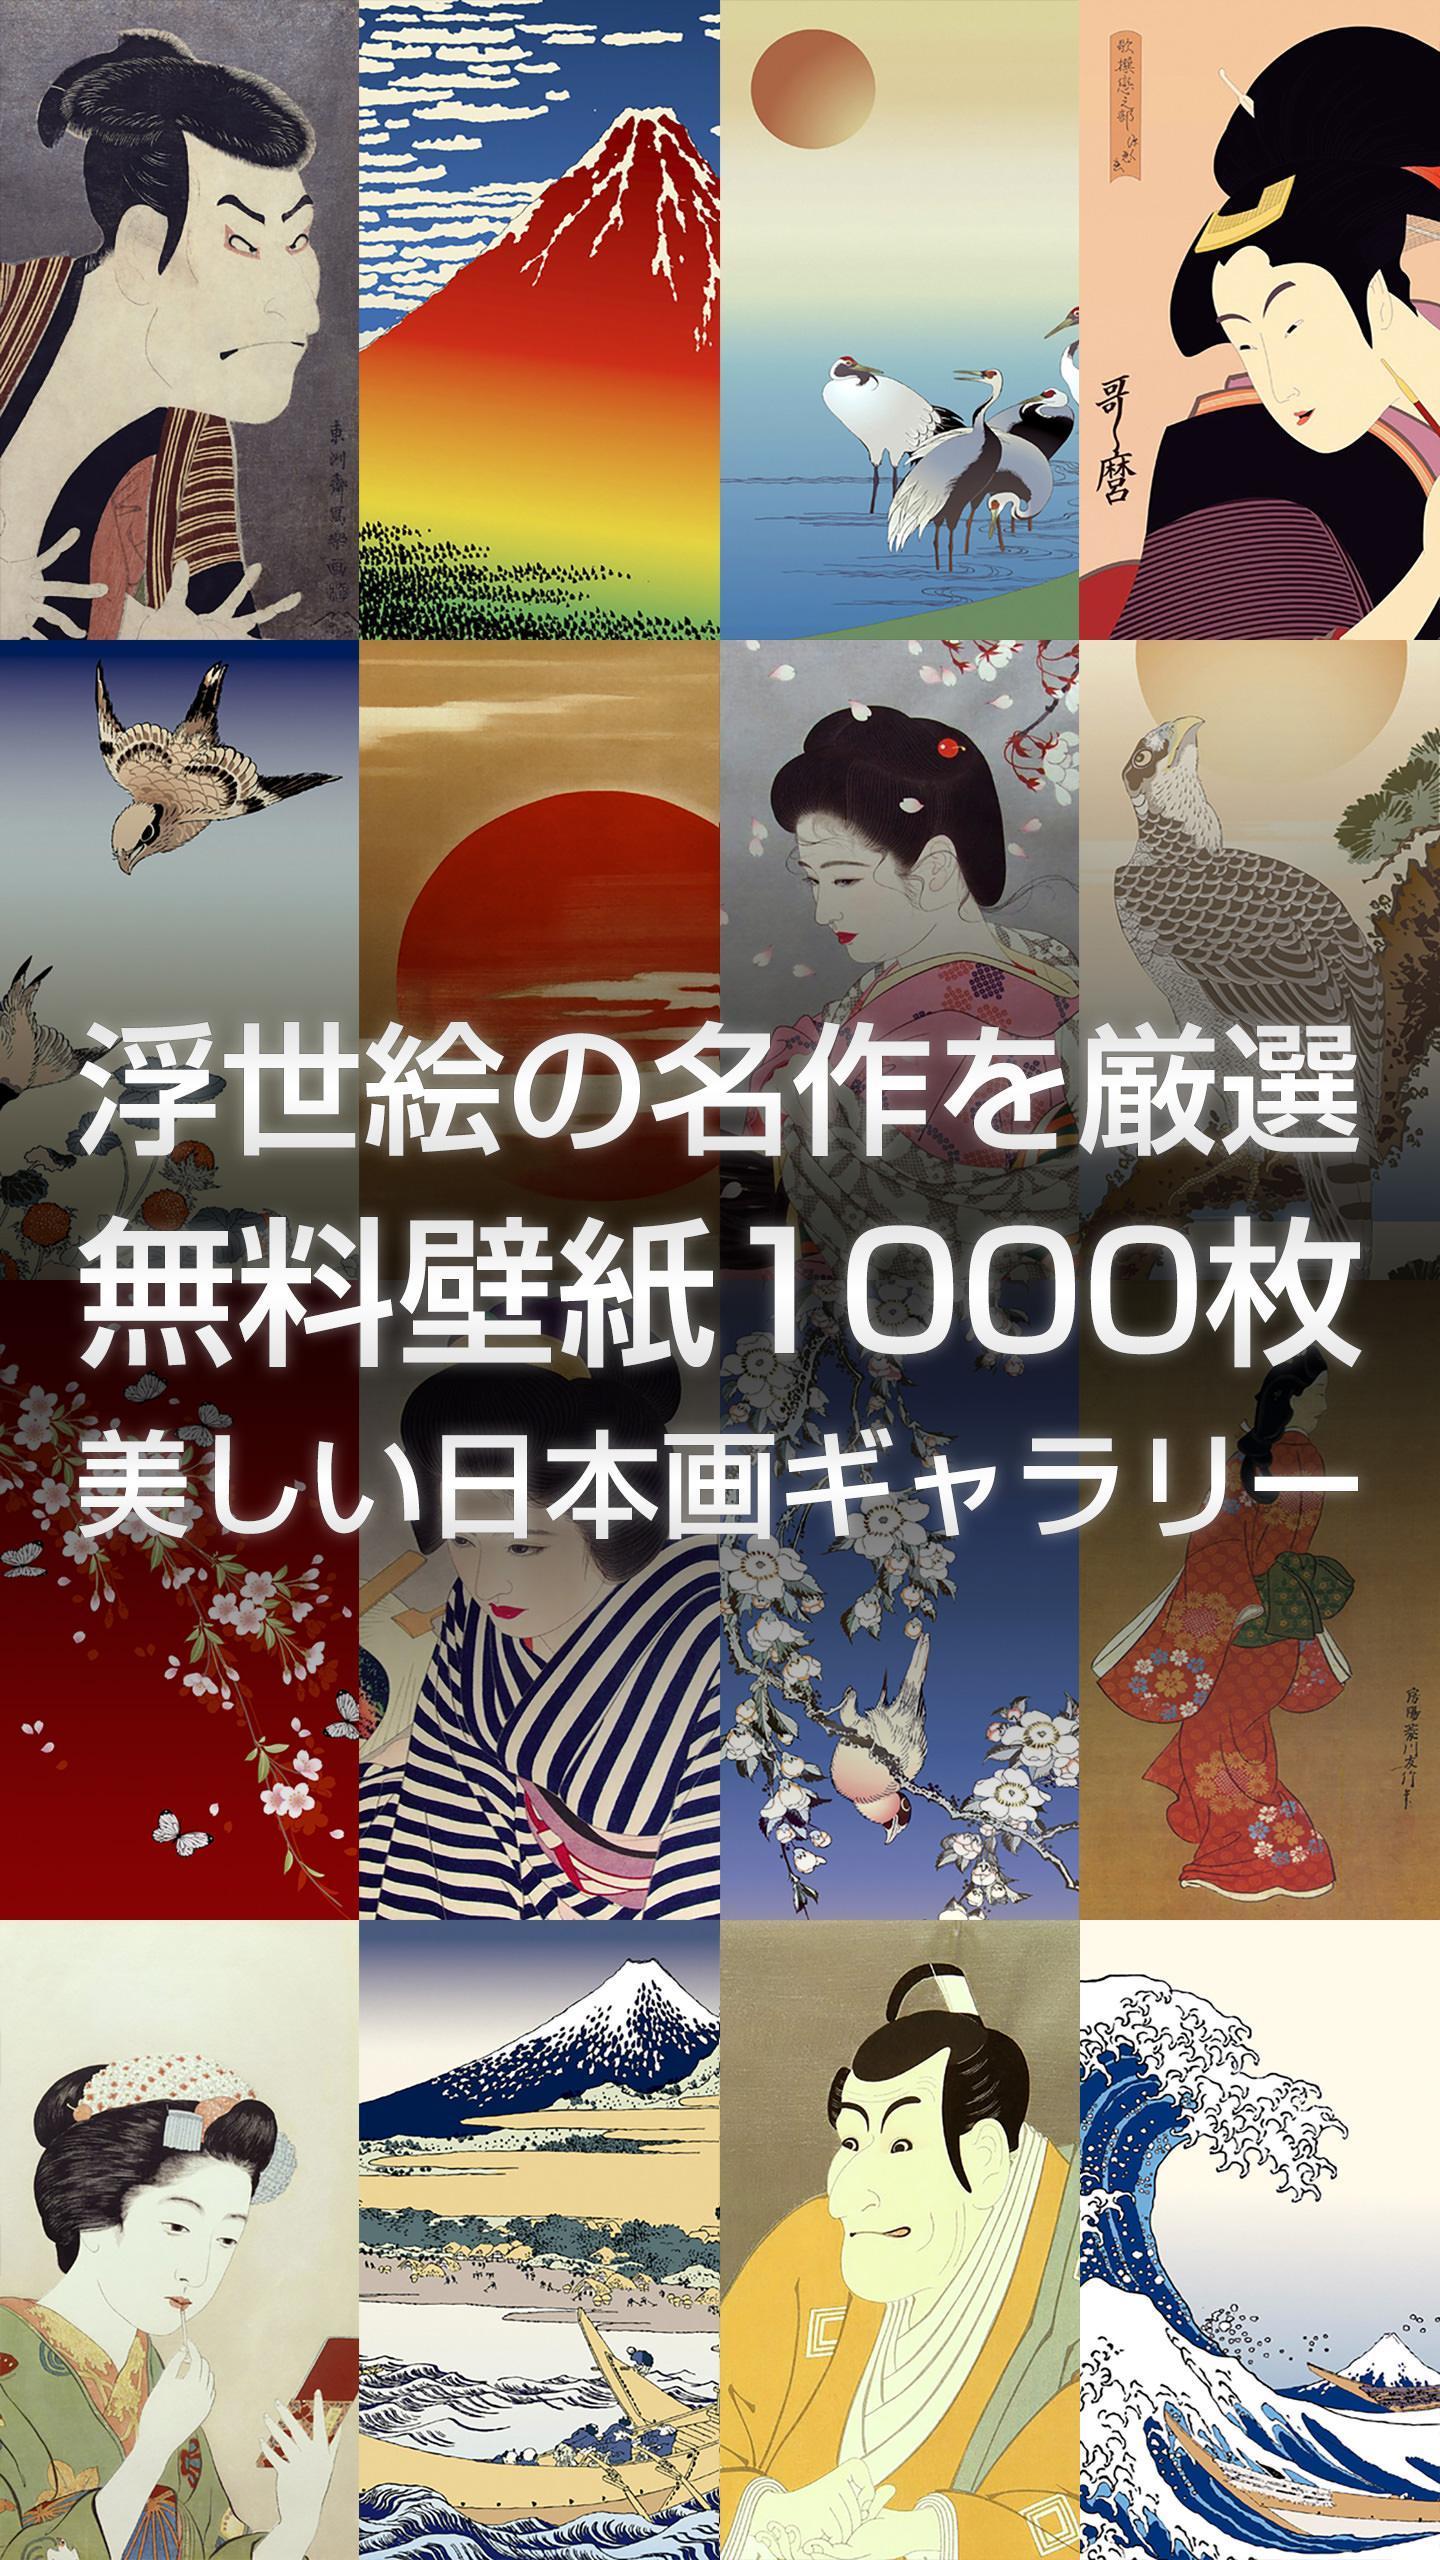 Android 用の 浮世絵壁紙 美しい日本画ギャラリー Apk をダウンロード